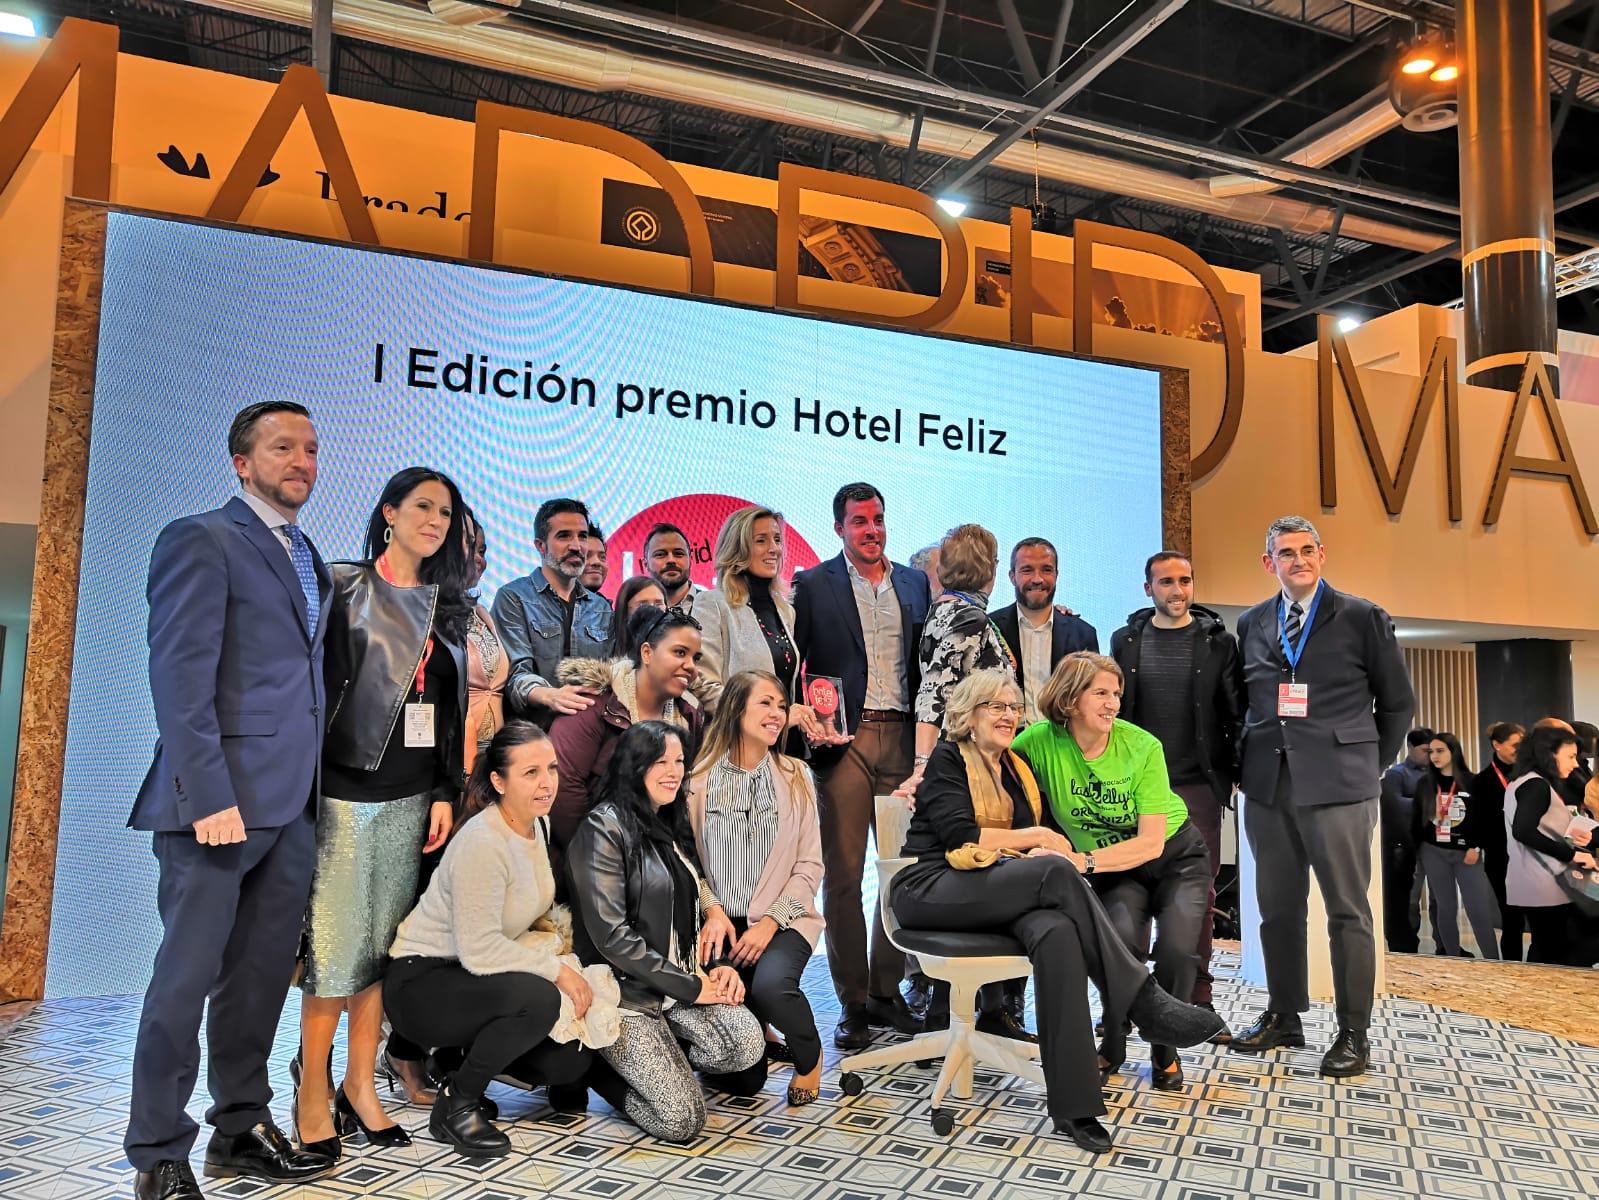 El Hotel Artiem Madrid, Miembro De La Asociación Empresarial Hotelera De Madrid, Recibe El Premio Hotel Feliz Por Su Compromiso Con Los Empleados